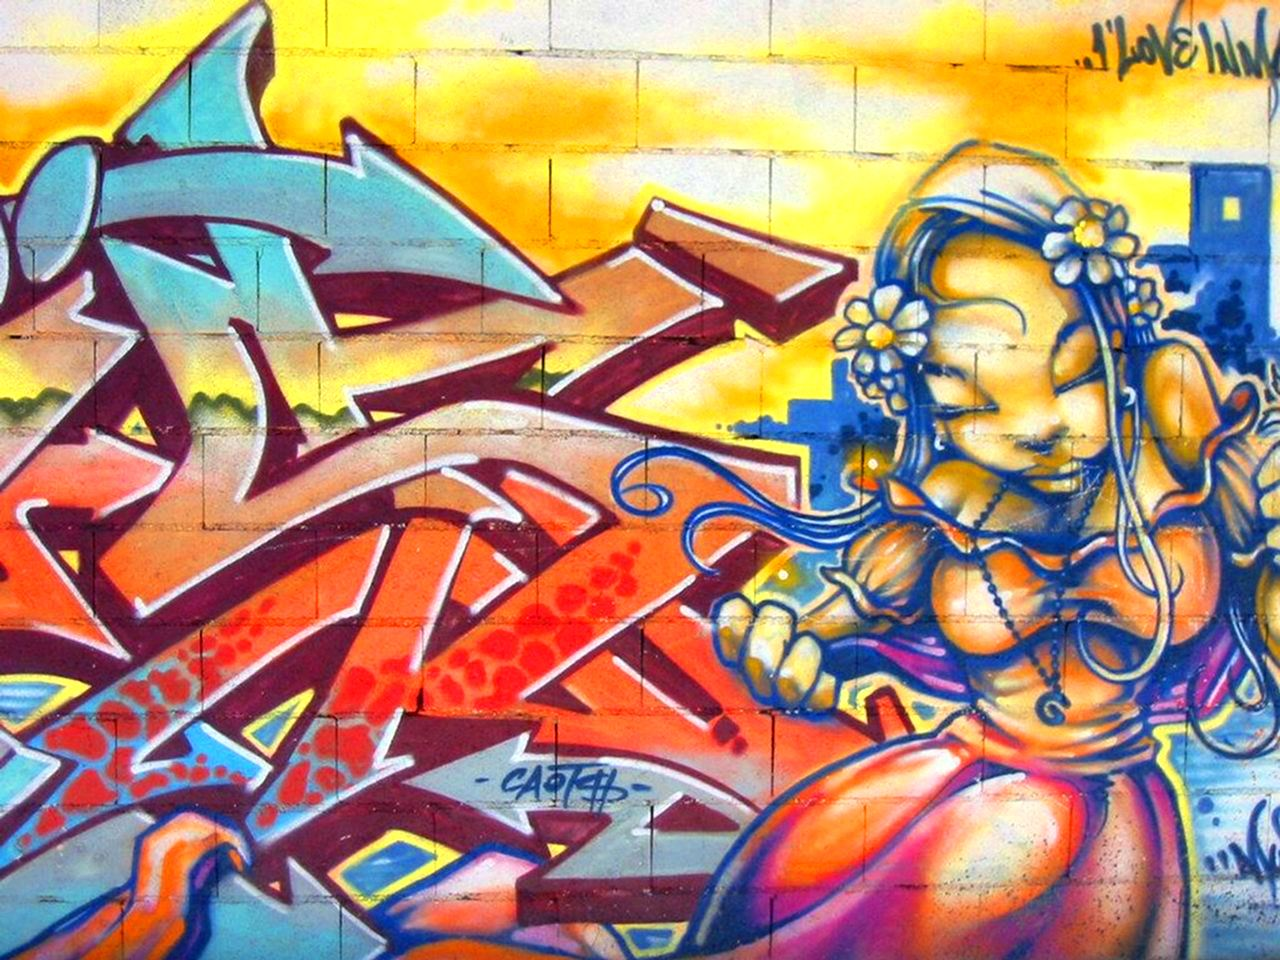 Angry birds trabajos y practicas graffiti etc - Graffitis en paredes ...